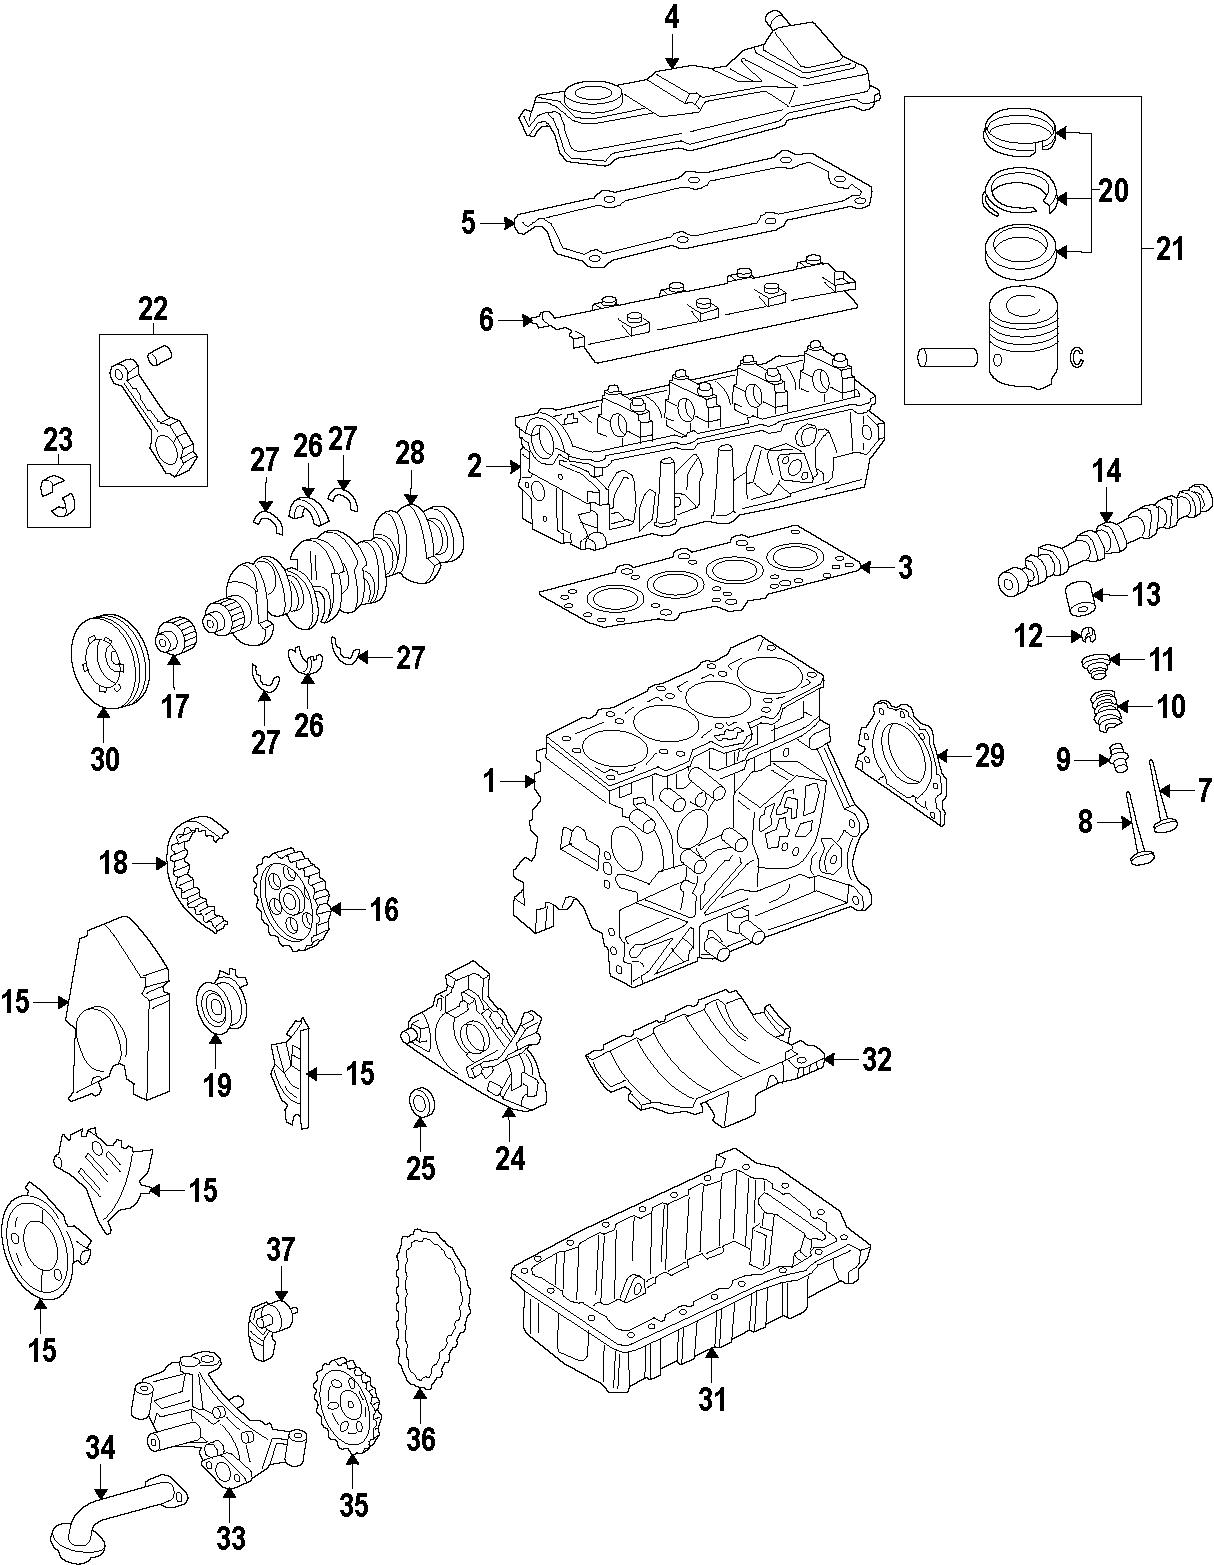 Volkswagen Golf Engine Cylinder Head Gasket Engine